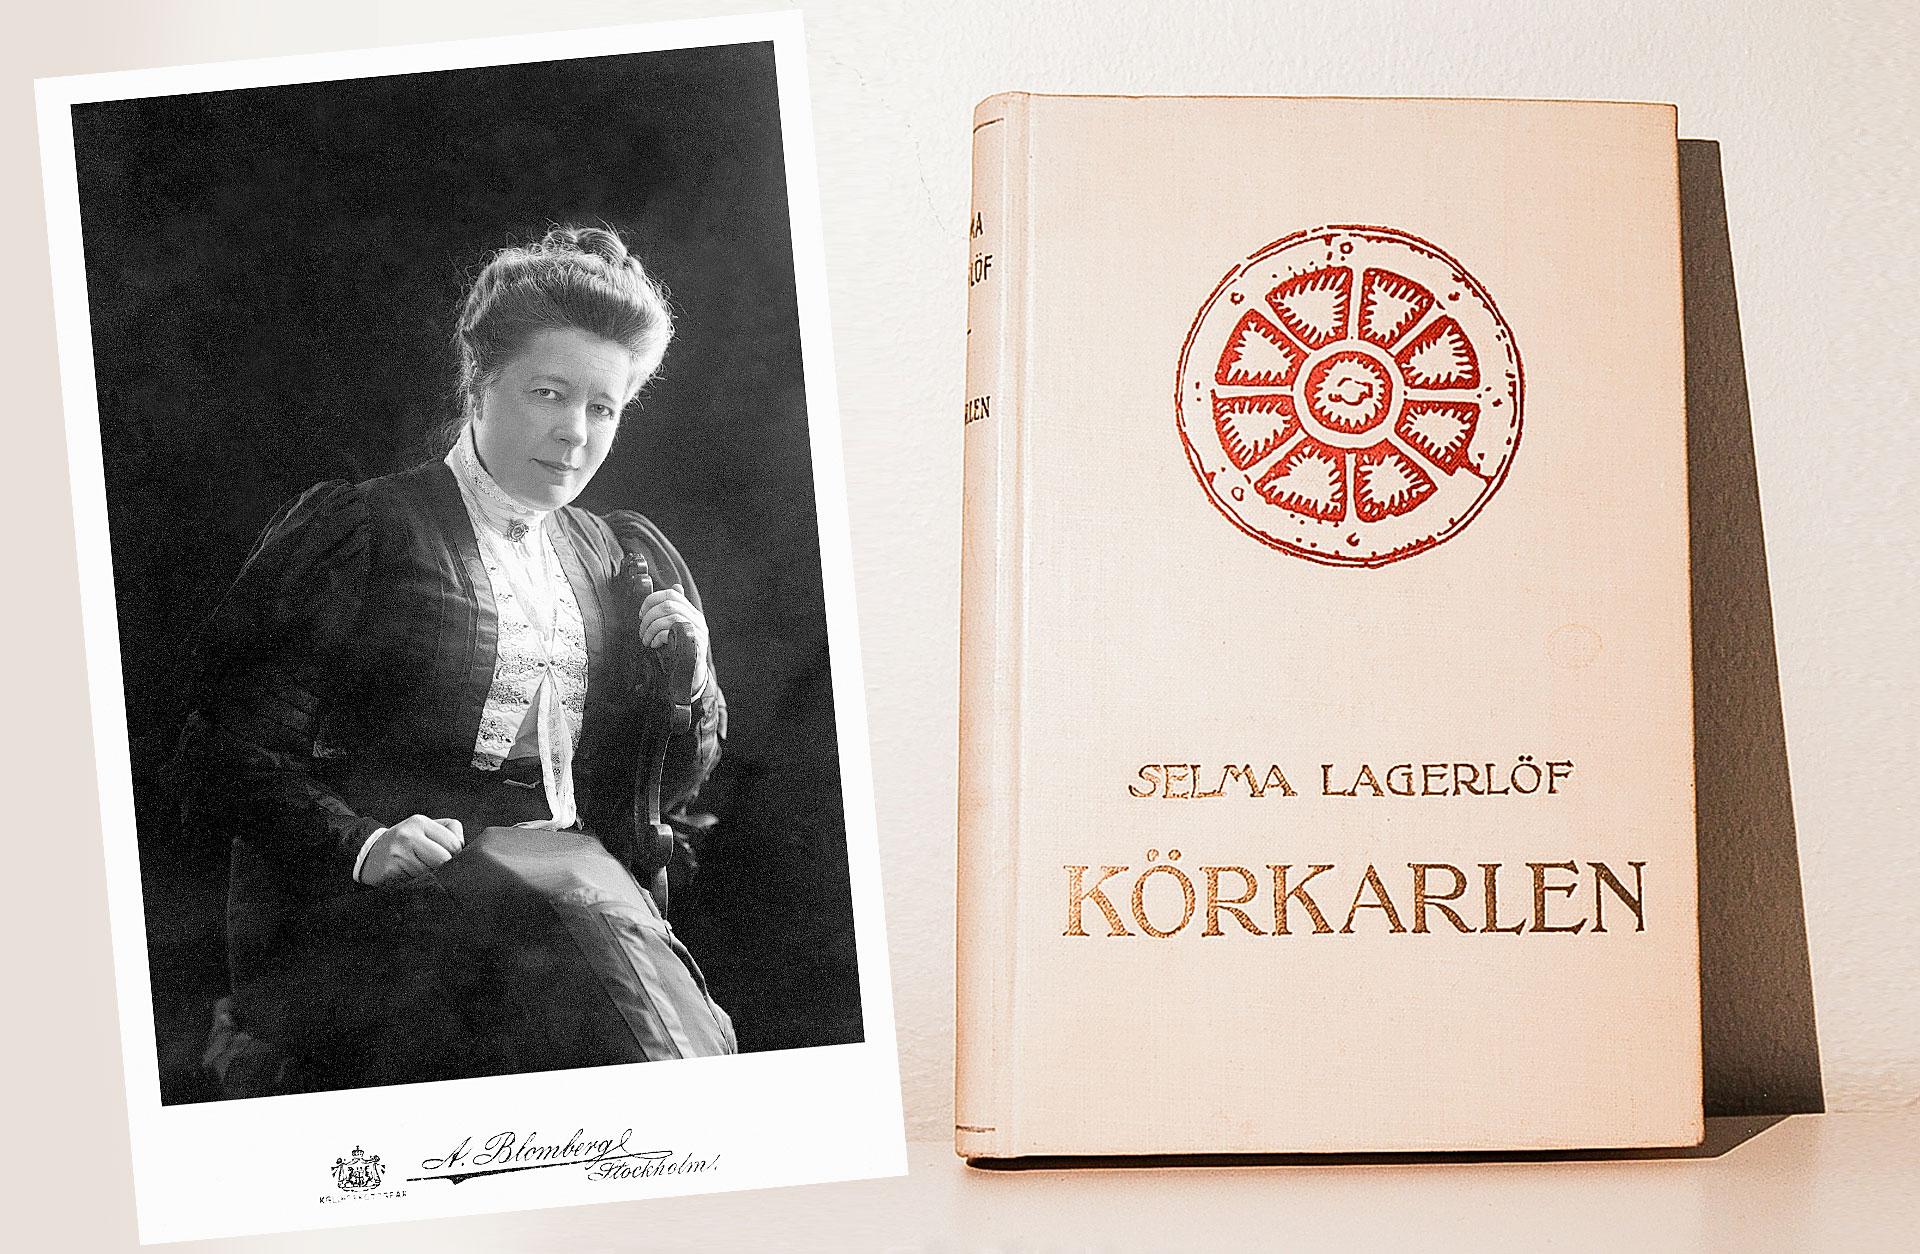 selma-lagerlof-romanen